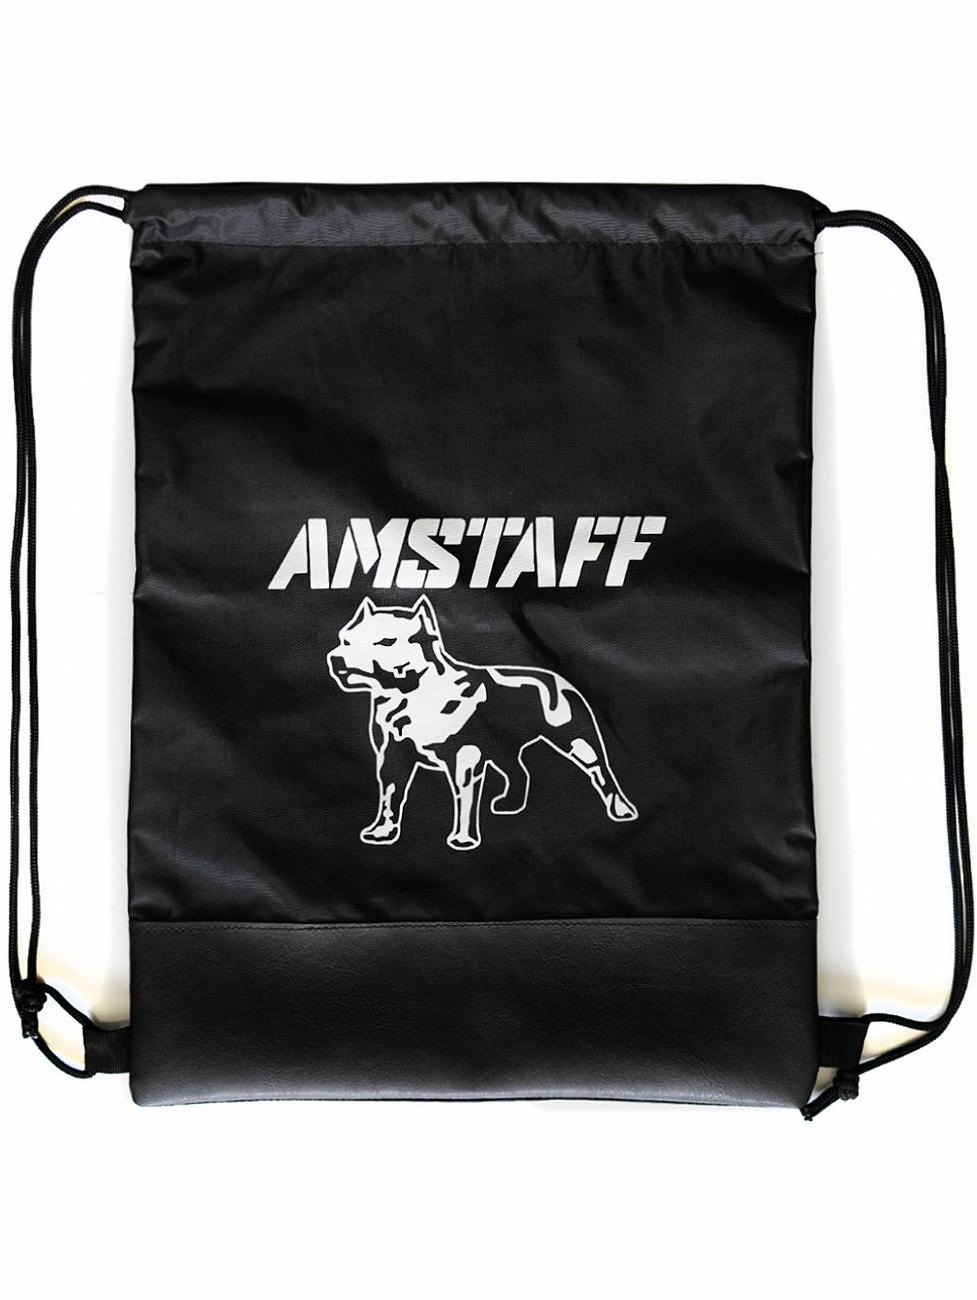 Amstaff Breed Gym Bag